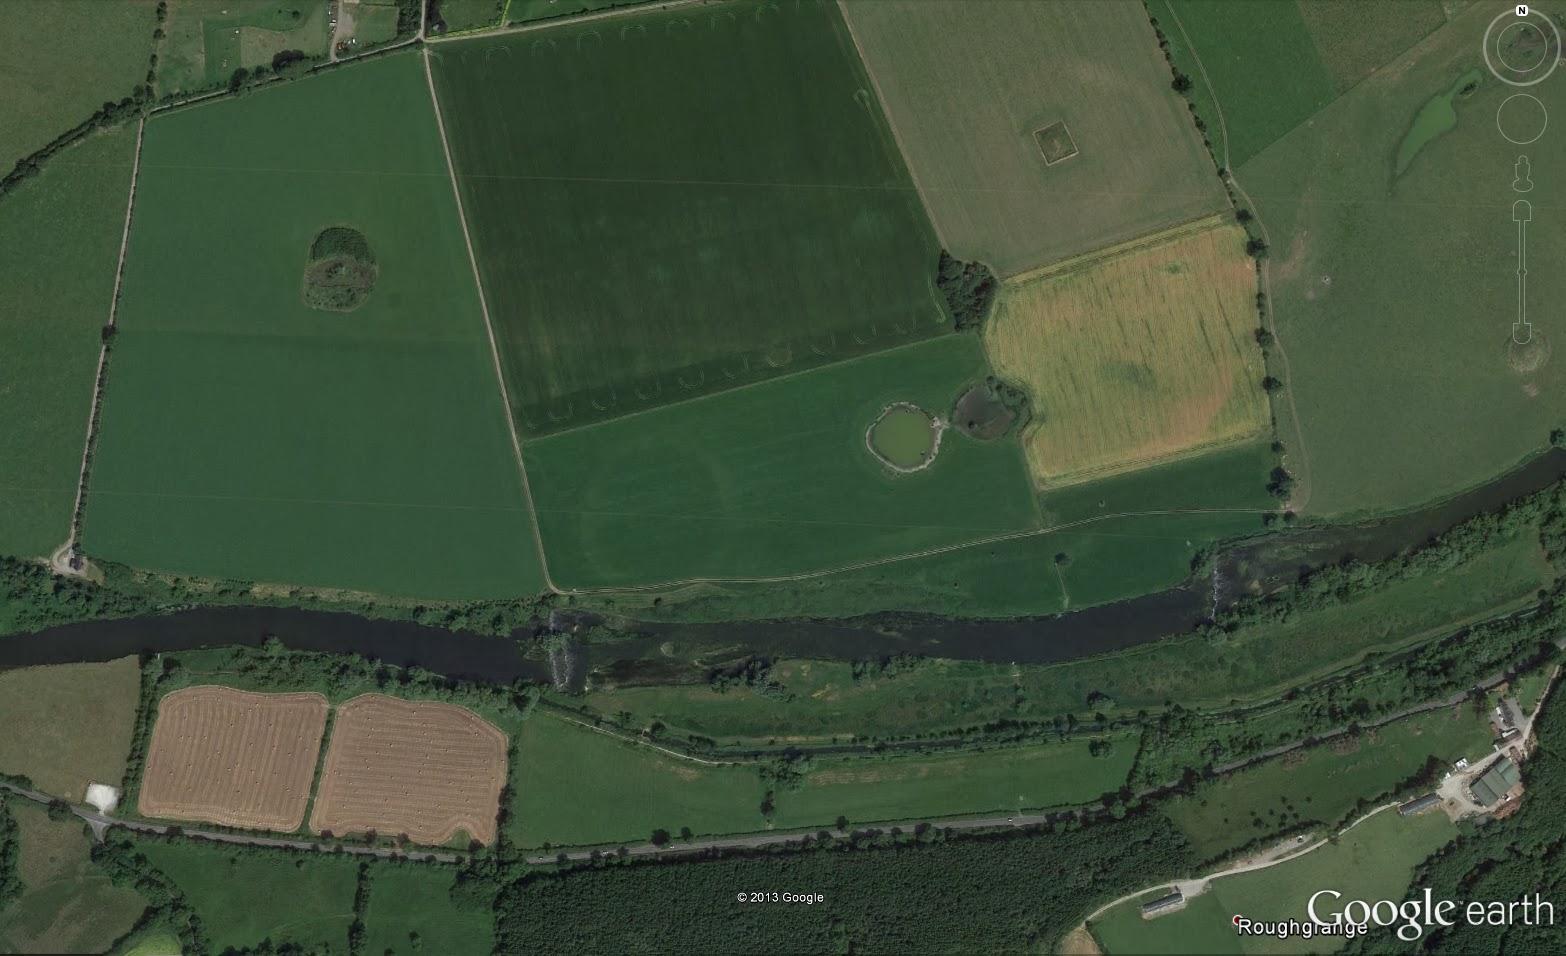 Map Of Ireland Newgrange.Mythical Ireland Blog Newgrange Henge Site P Clearly Visible In